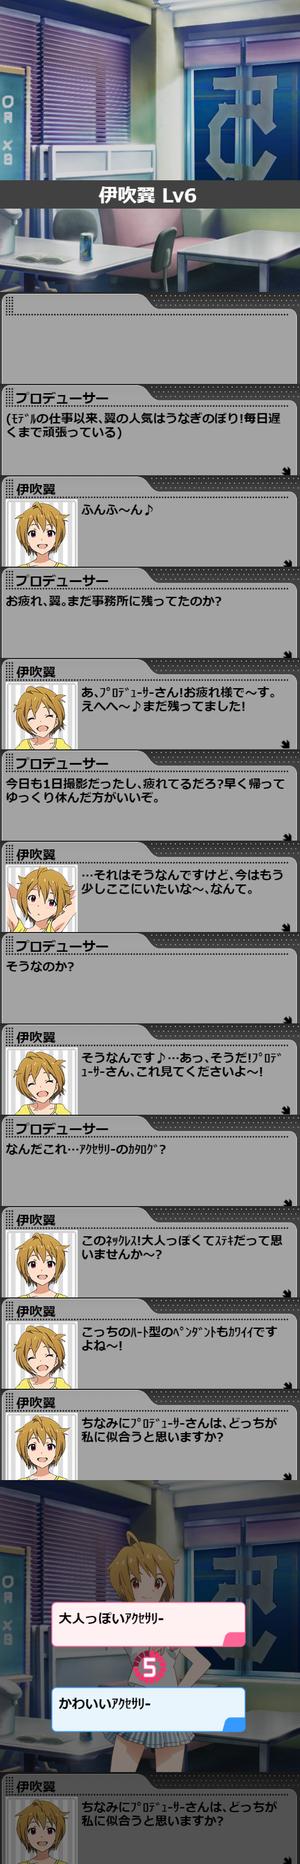 翼LV6_1